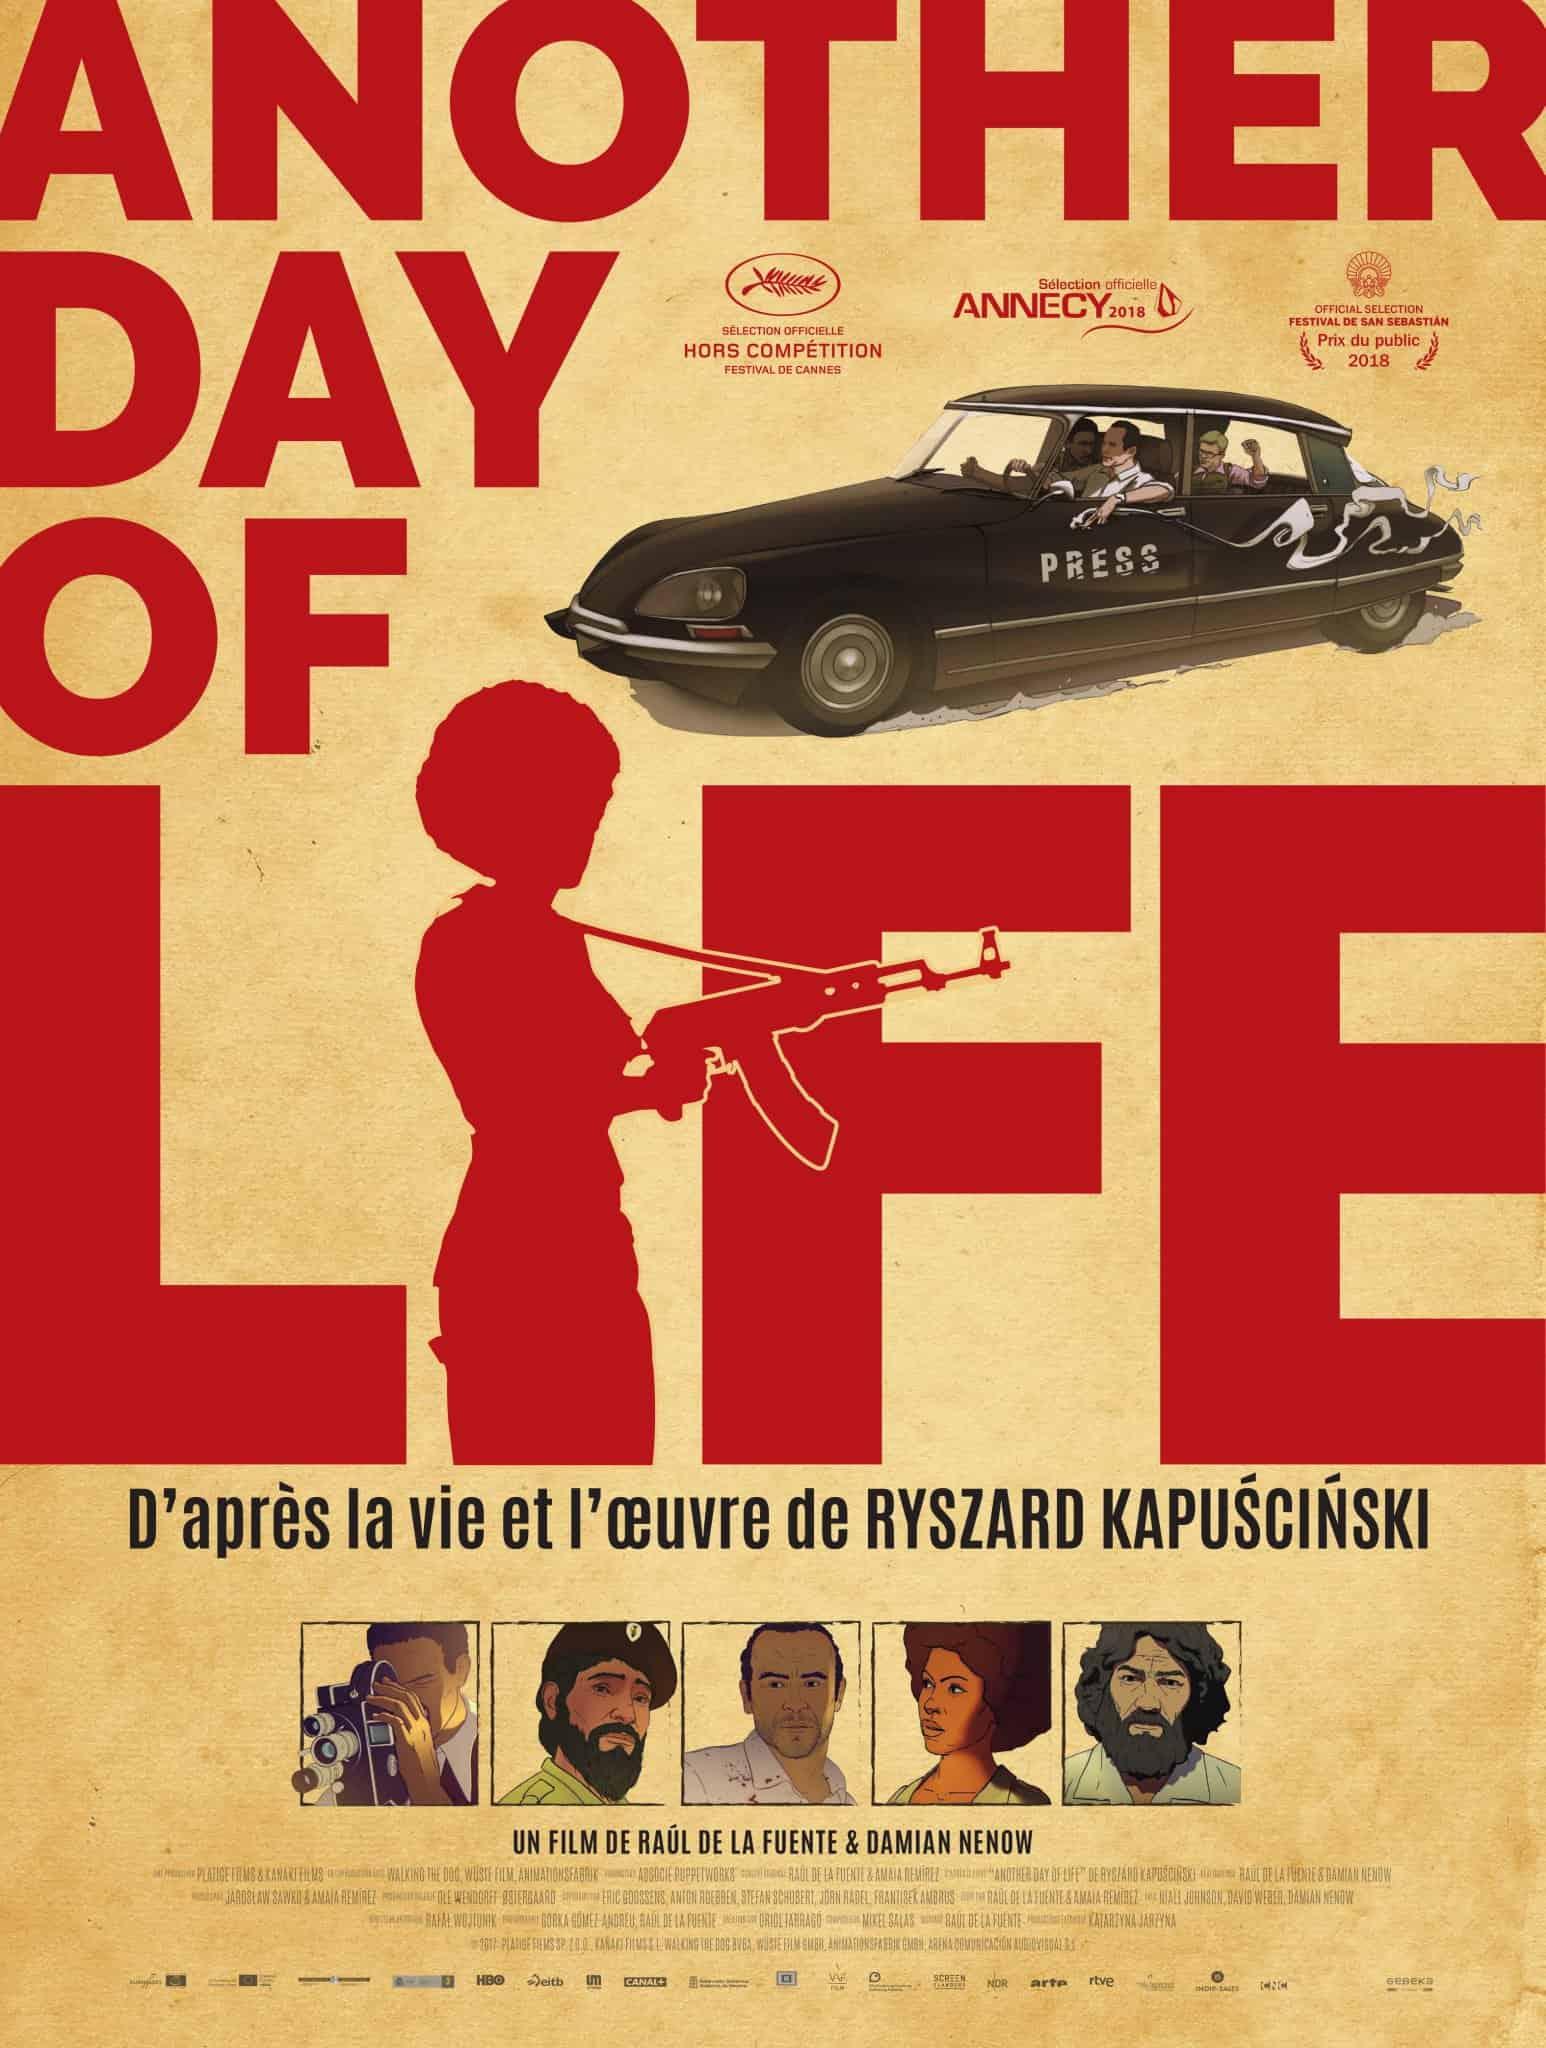 #bidegorritik: Iruñetik zuzenean: Another day of life filma eta Katakrak argitaletxea